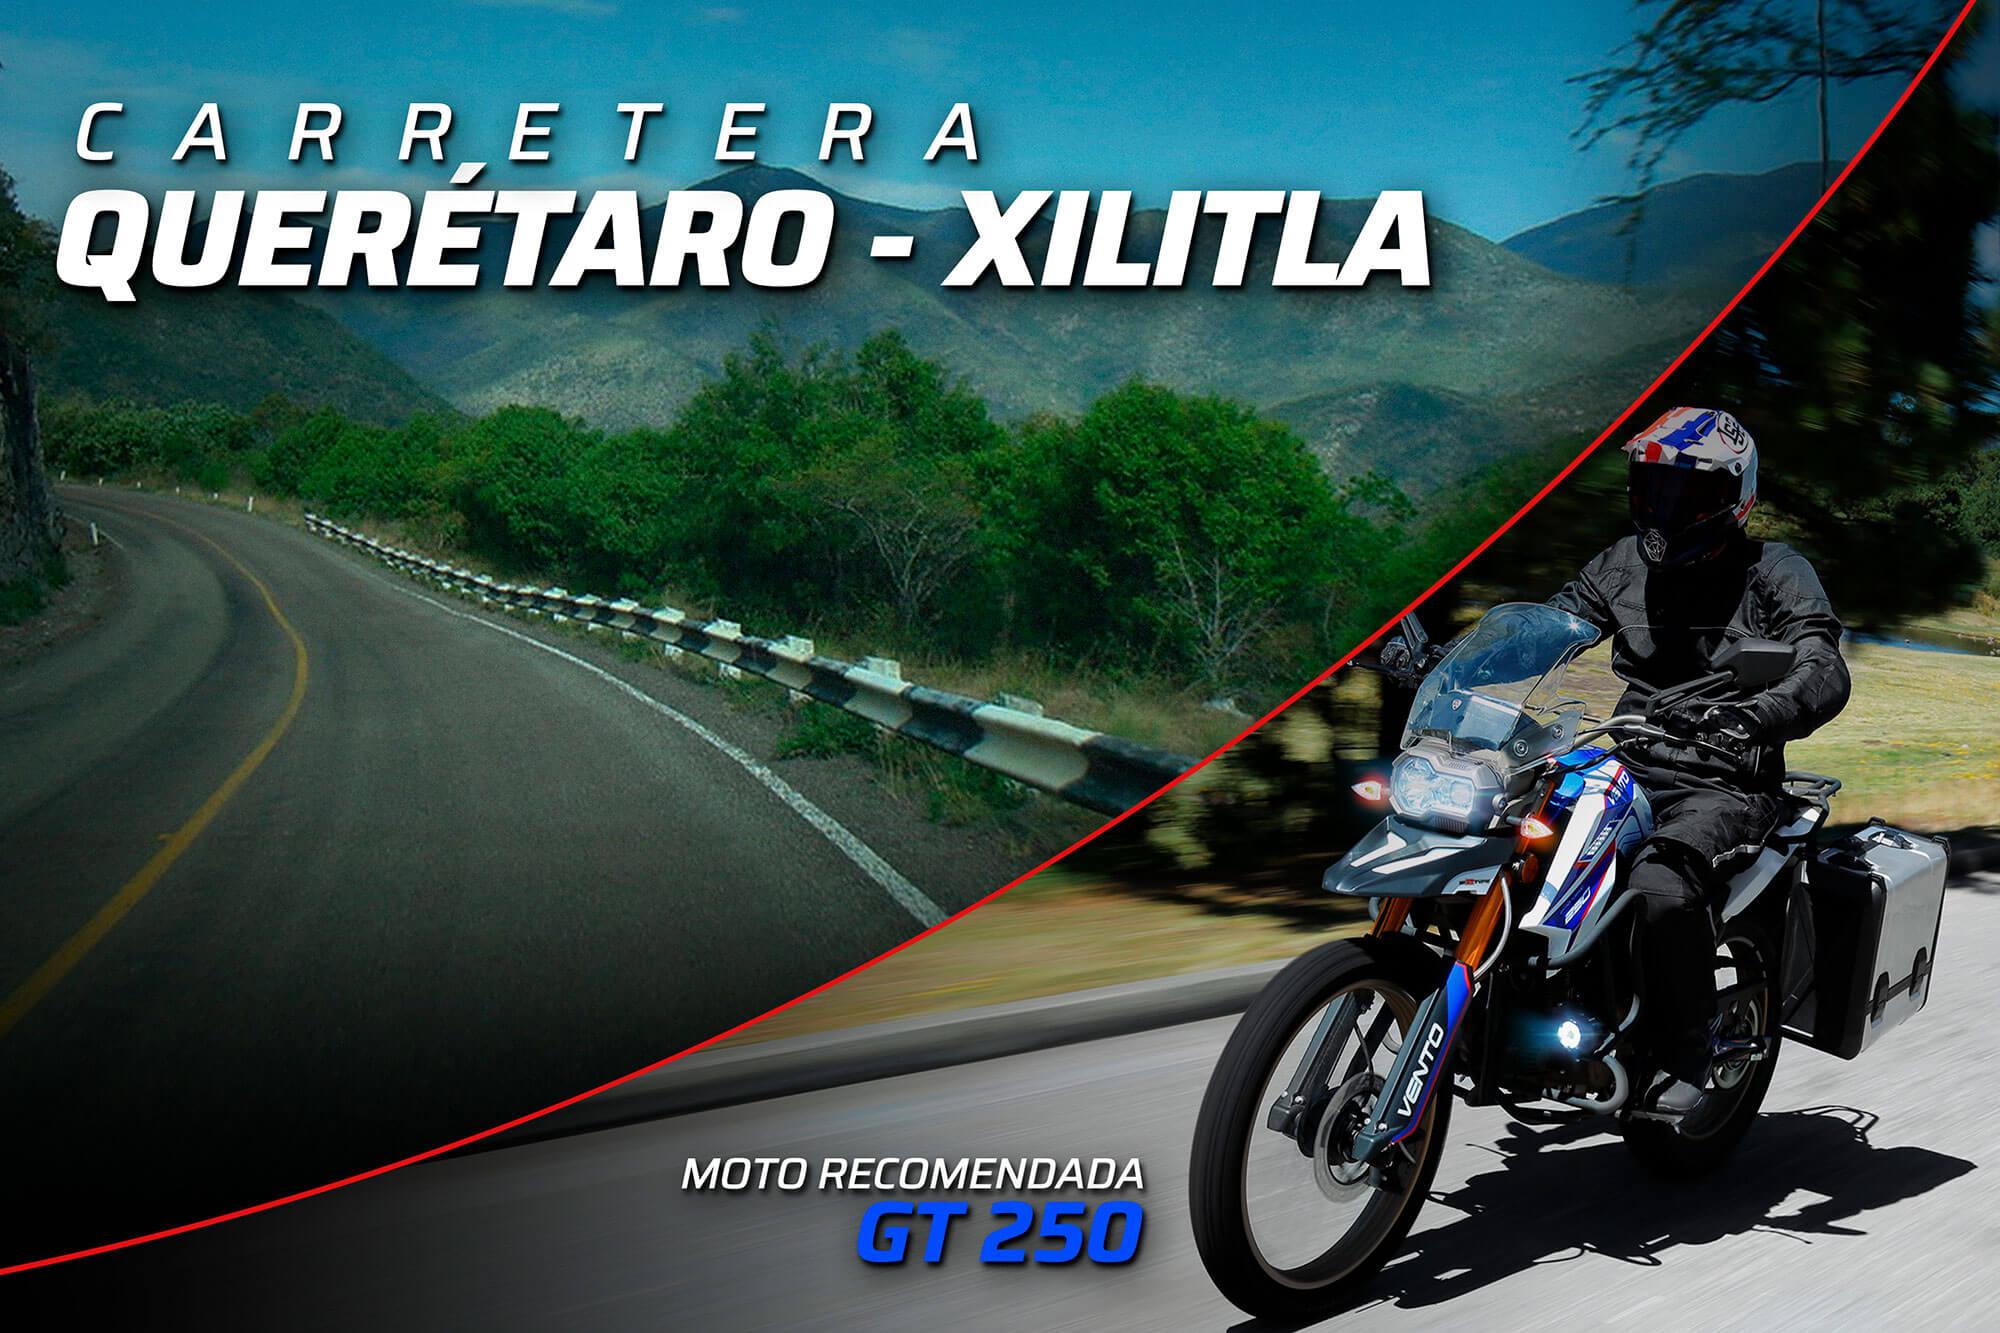 Querétaro - Xilitla